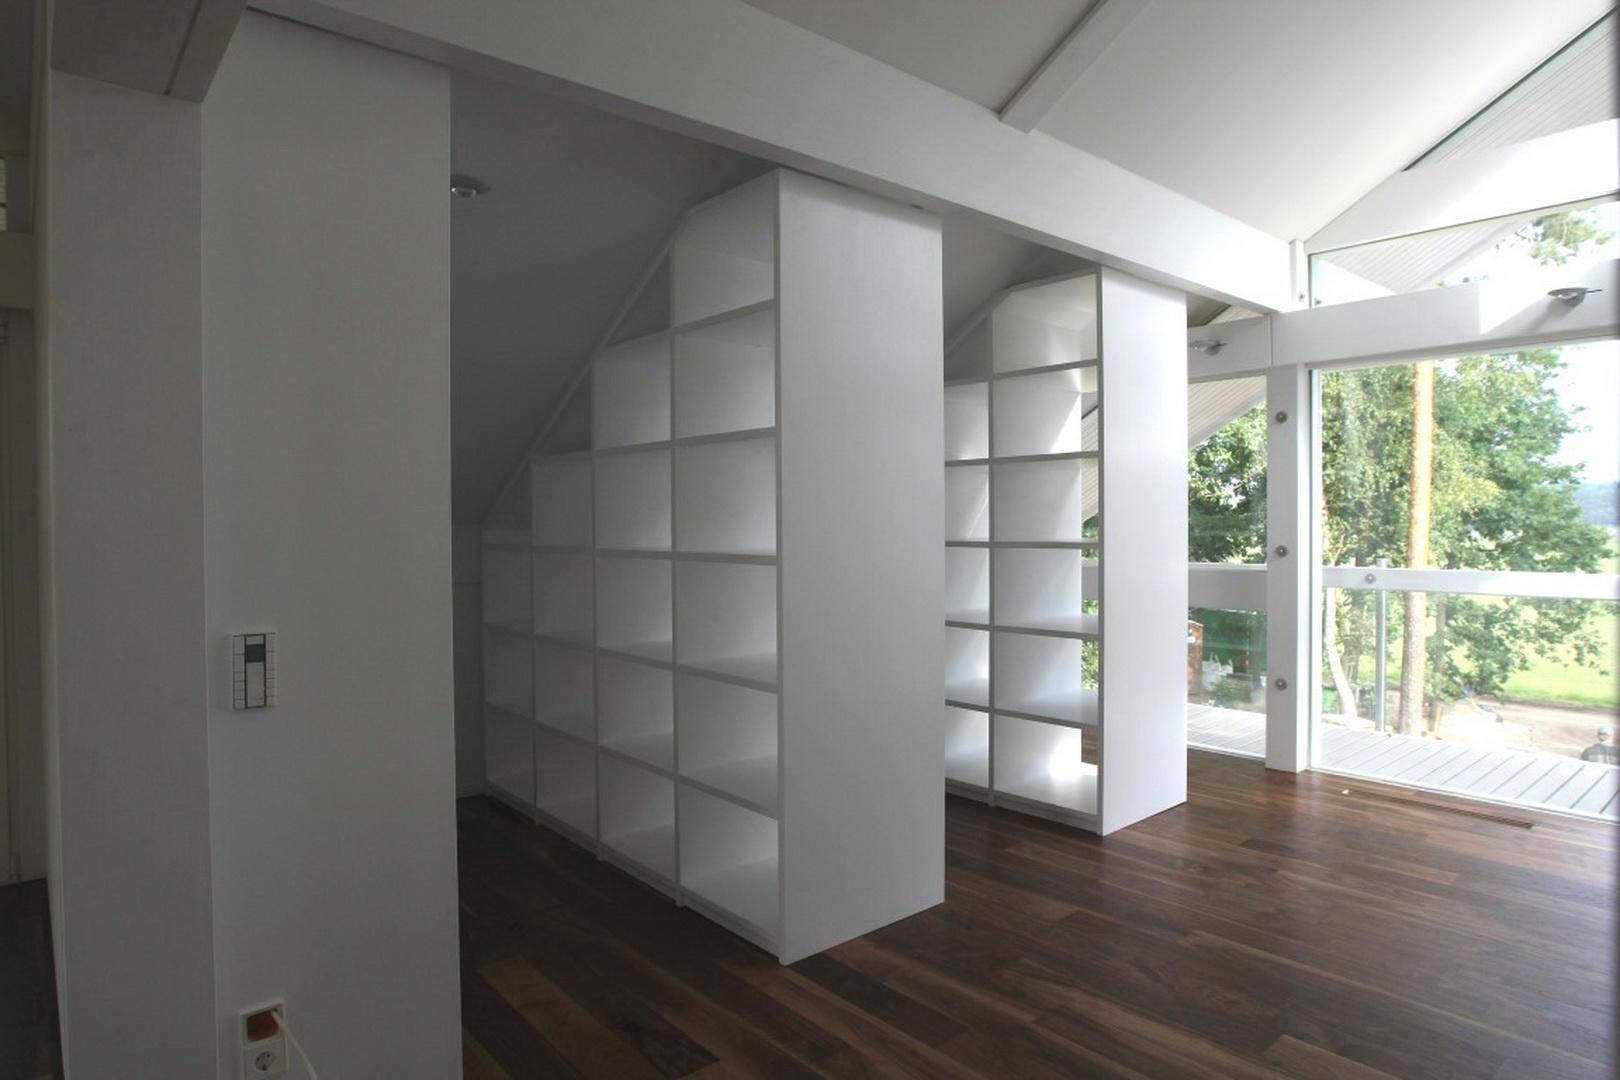 Parkett Eiche Country Weiß Geölt : Parkett teppich laminat und bodenlegerfachbetrieb in düsseldorf